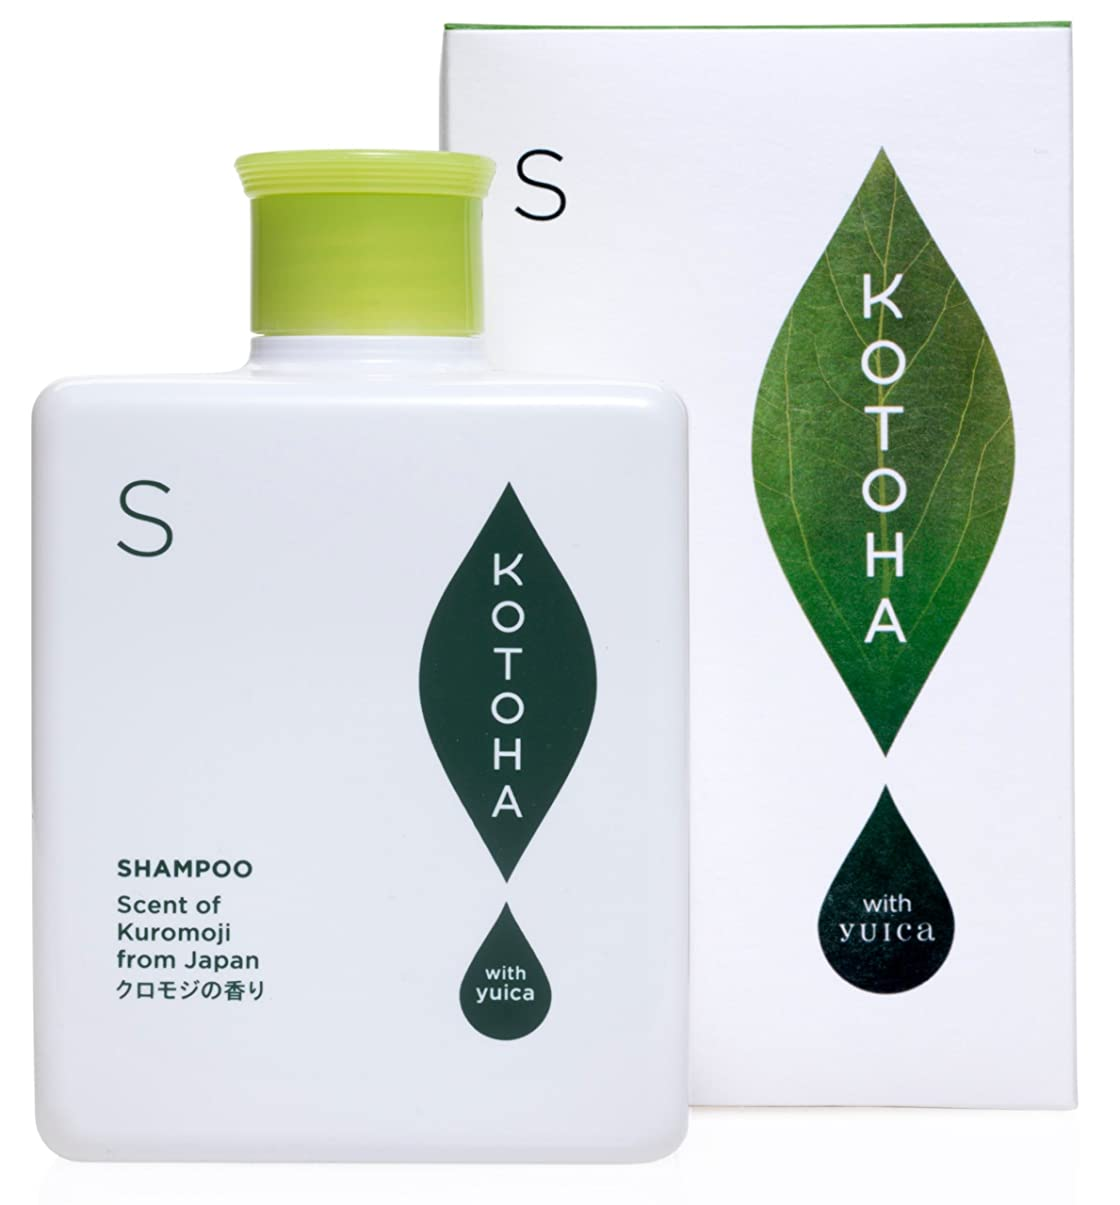 拘束するフリル上流のKOTOHA with yuica ヘアシャンプー やすらぎの香り(クロモジベース) 300mL